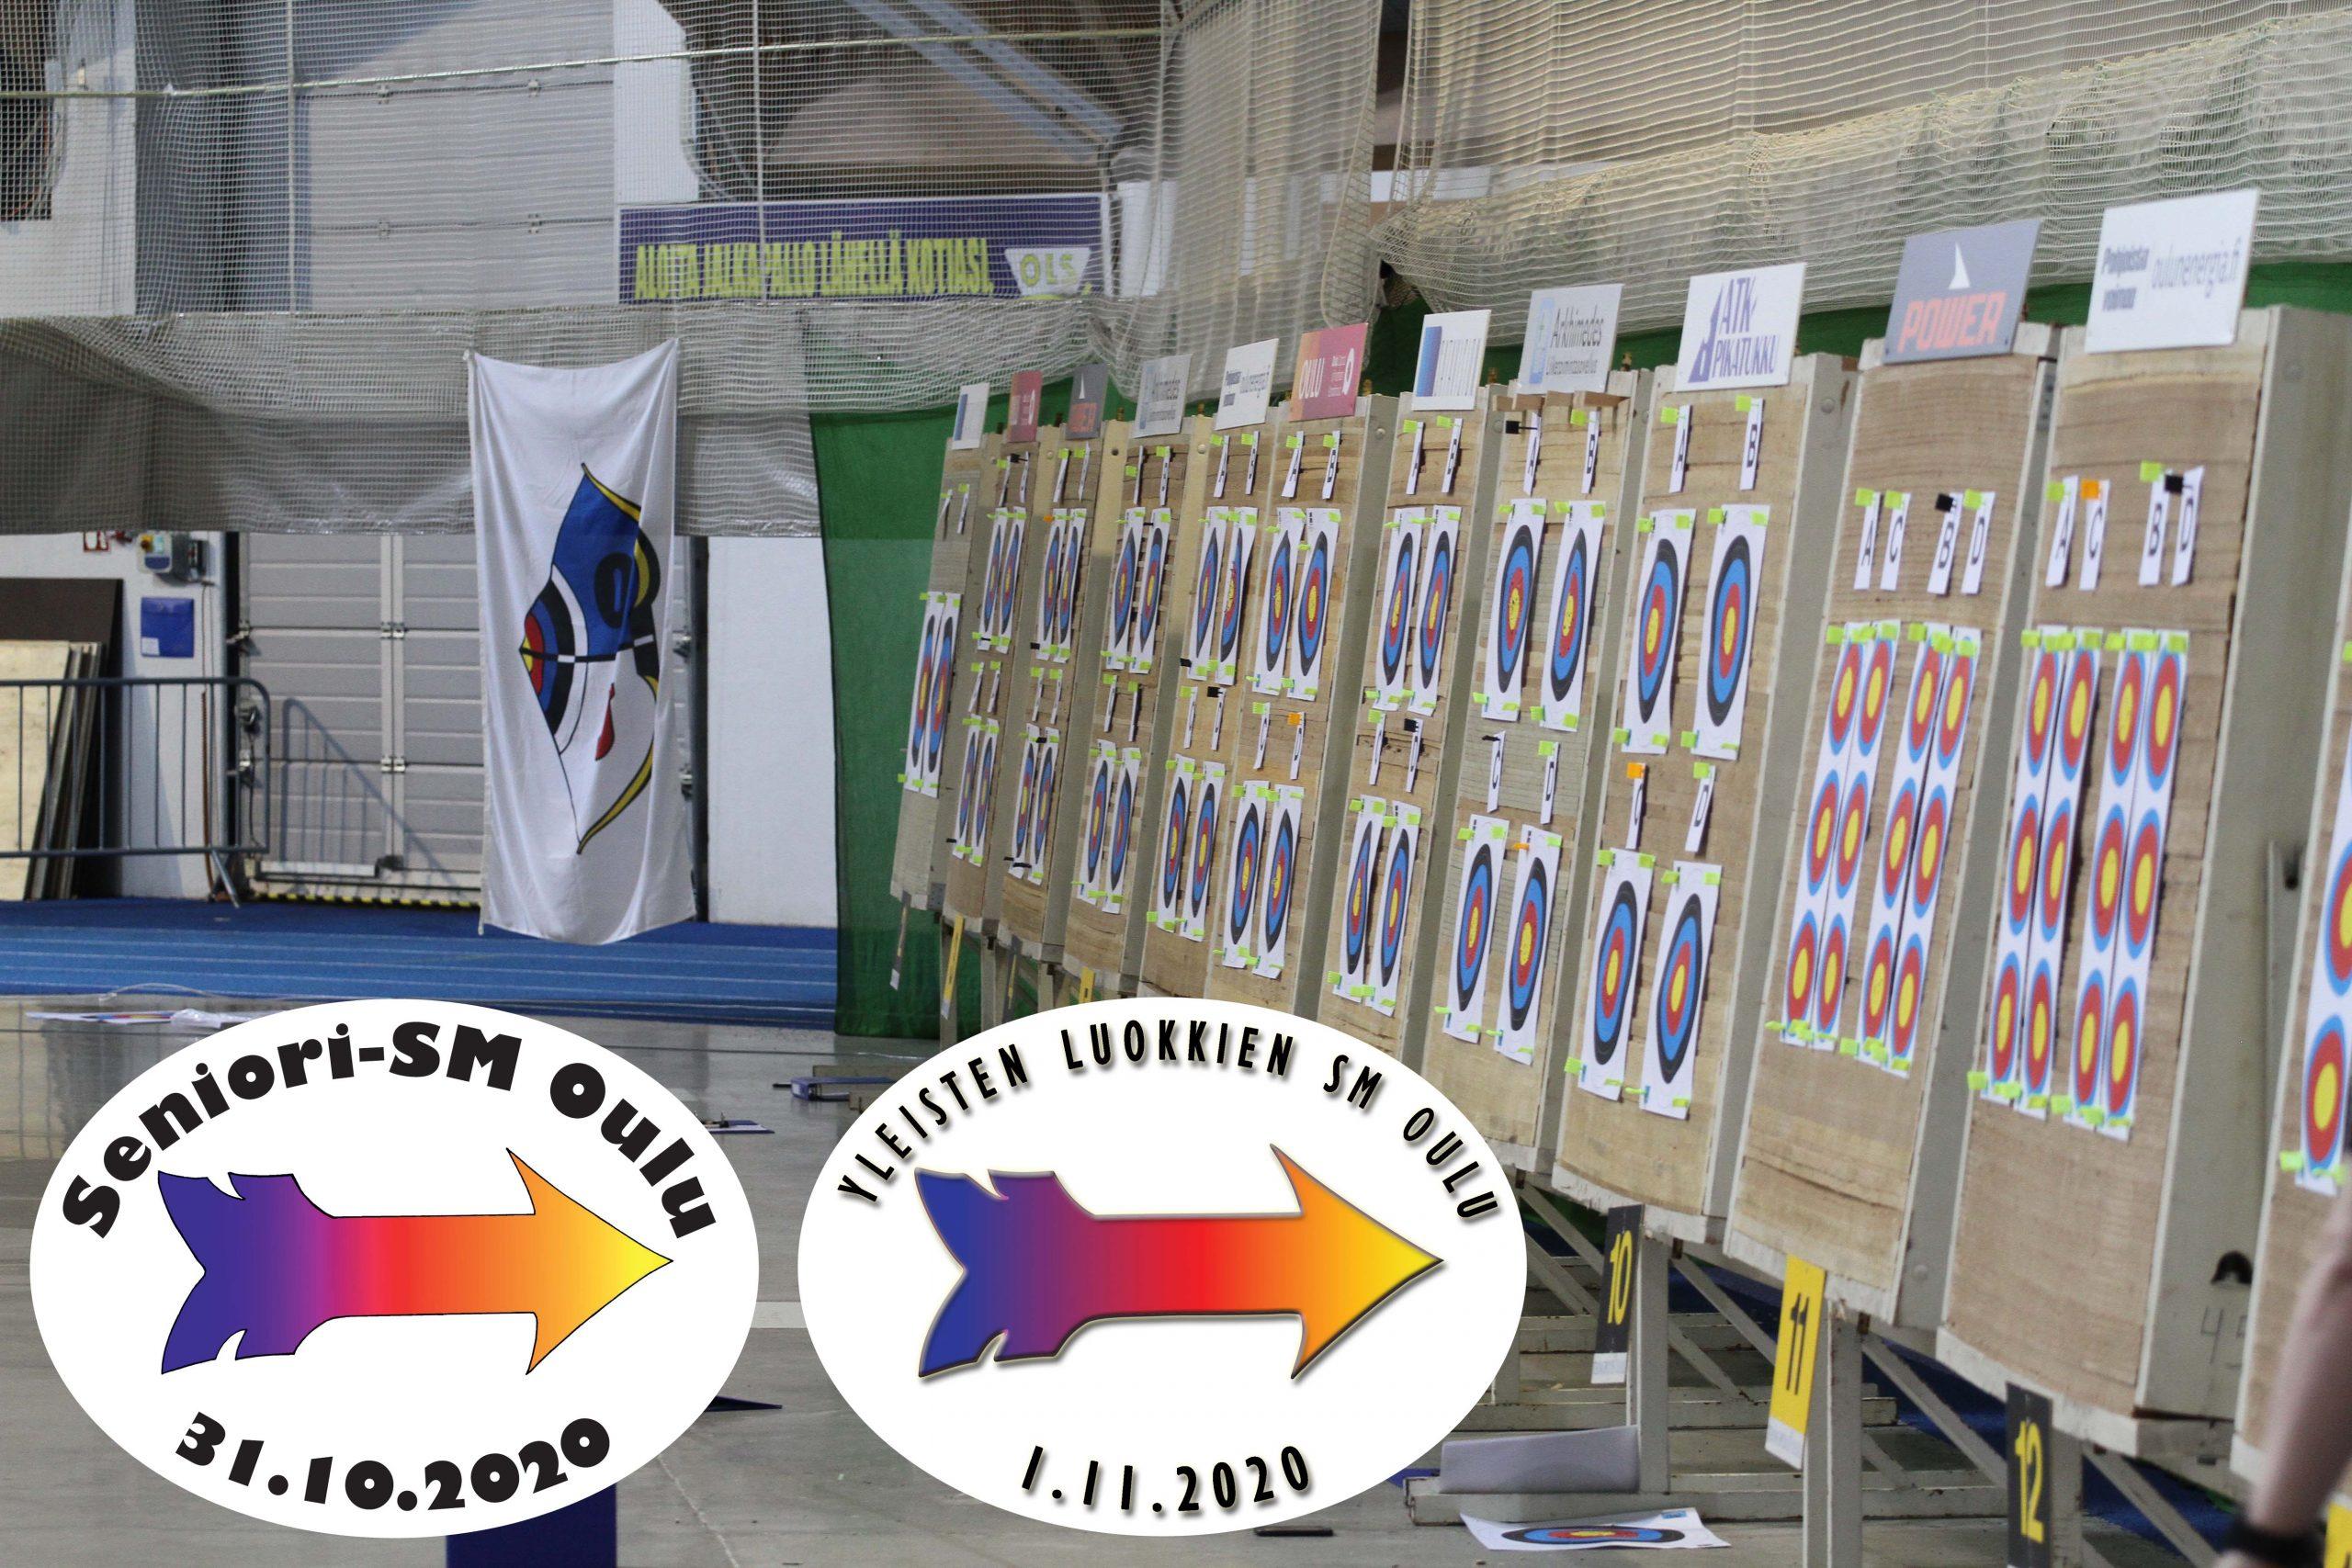 Senioreiden halli-SM2020 ja Yleisten luokkien SM 2020 OUlu